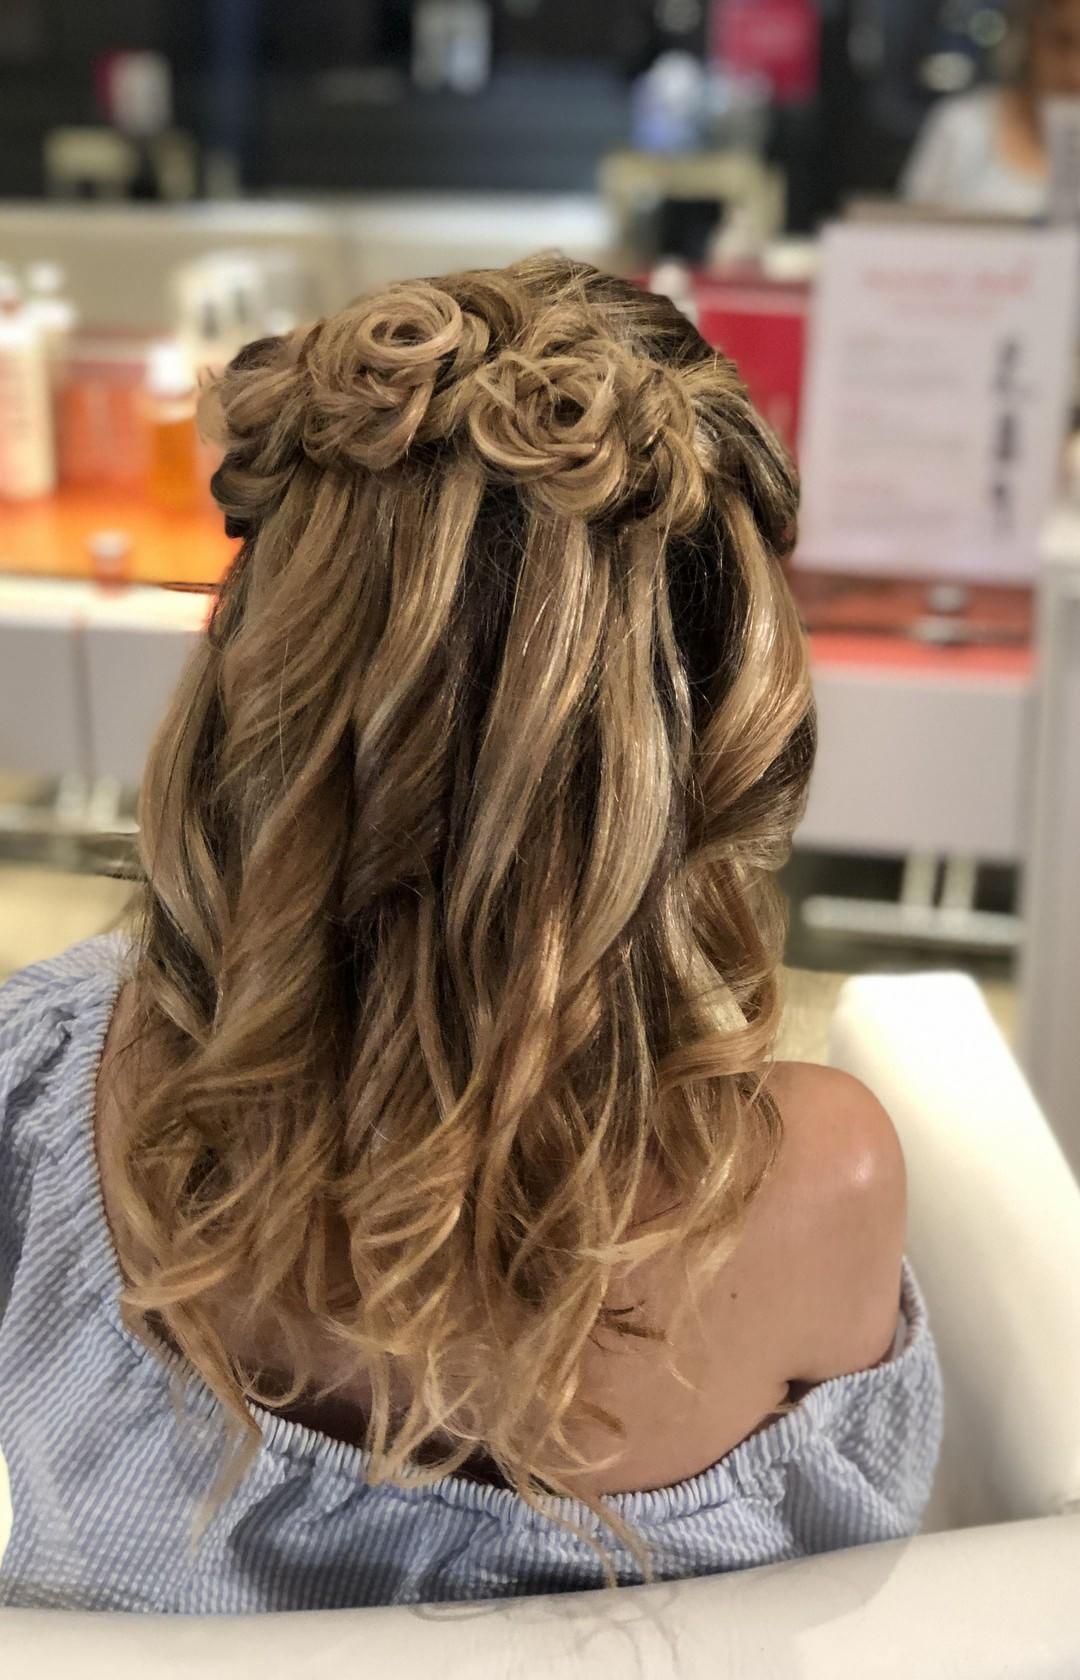 Rose Braid Hair Igtv Braids Braided Hairstyles Braided Rose Hairstyle Rose Braid